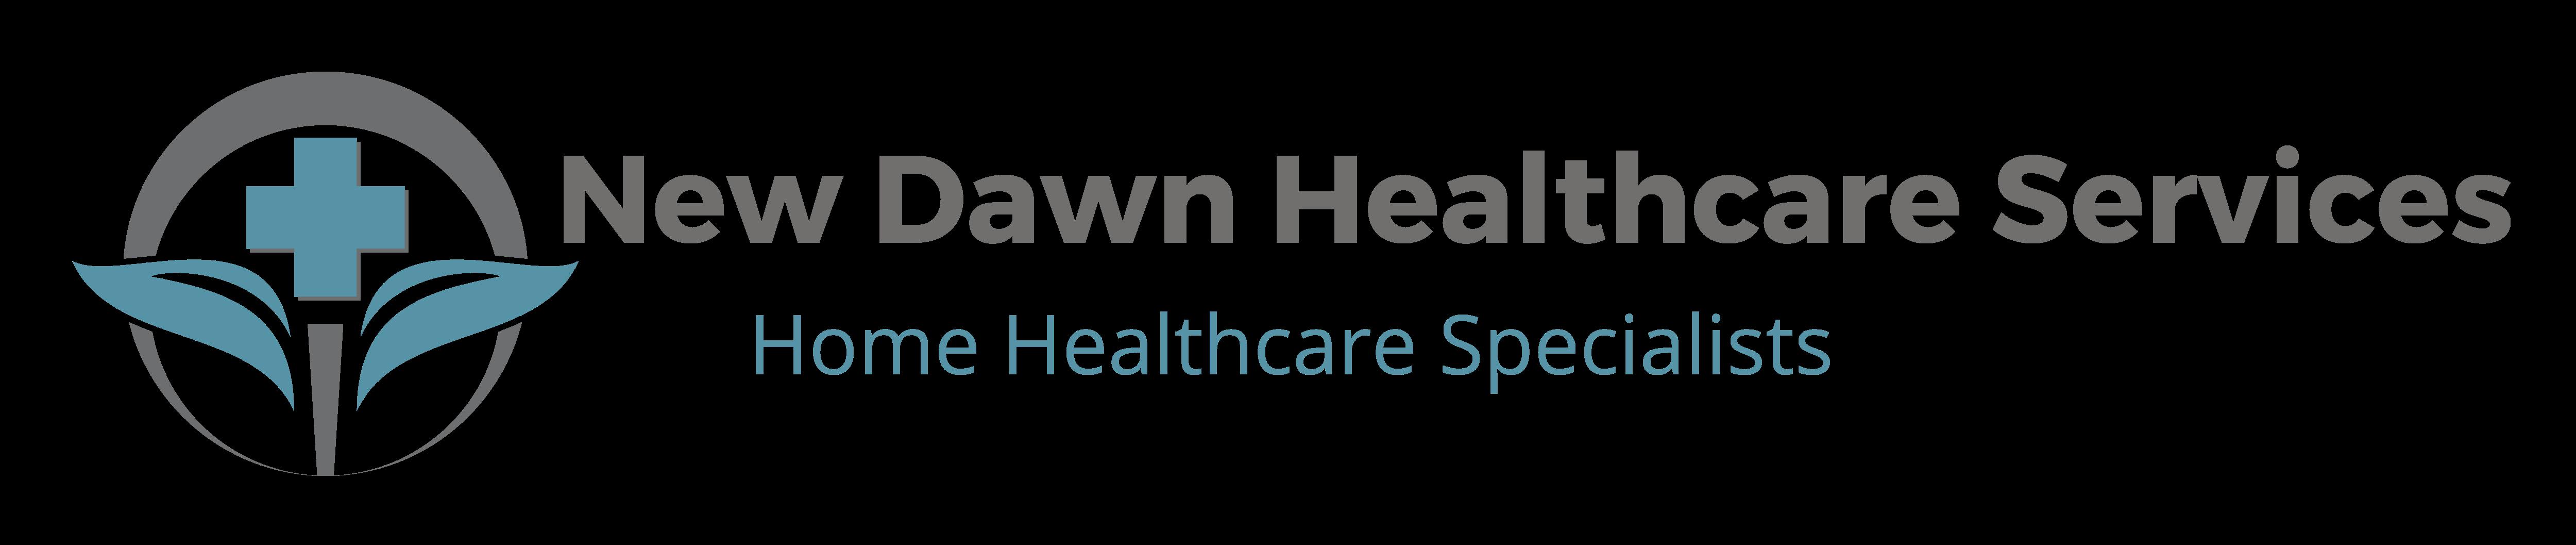 New dawn health care